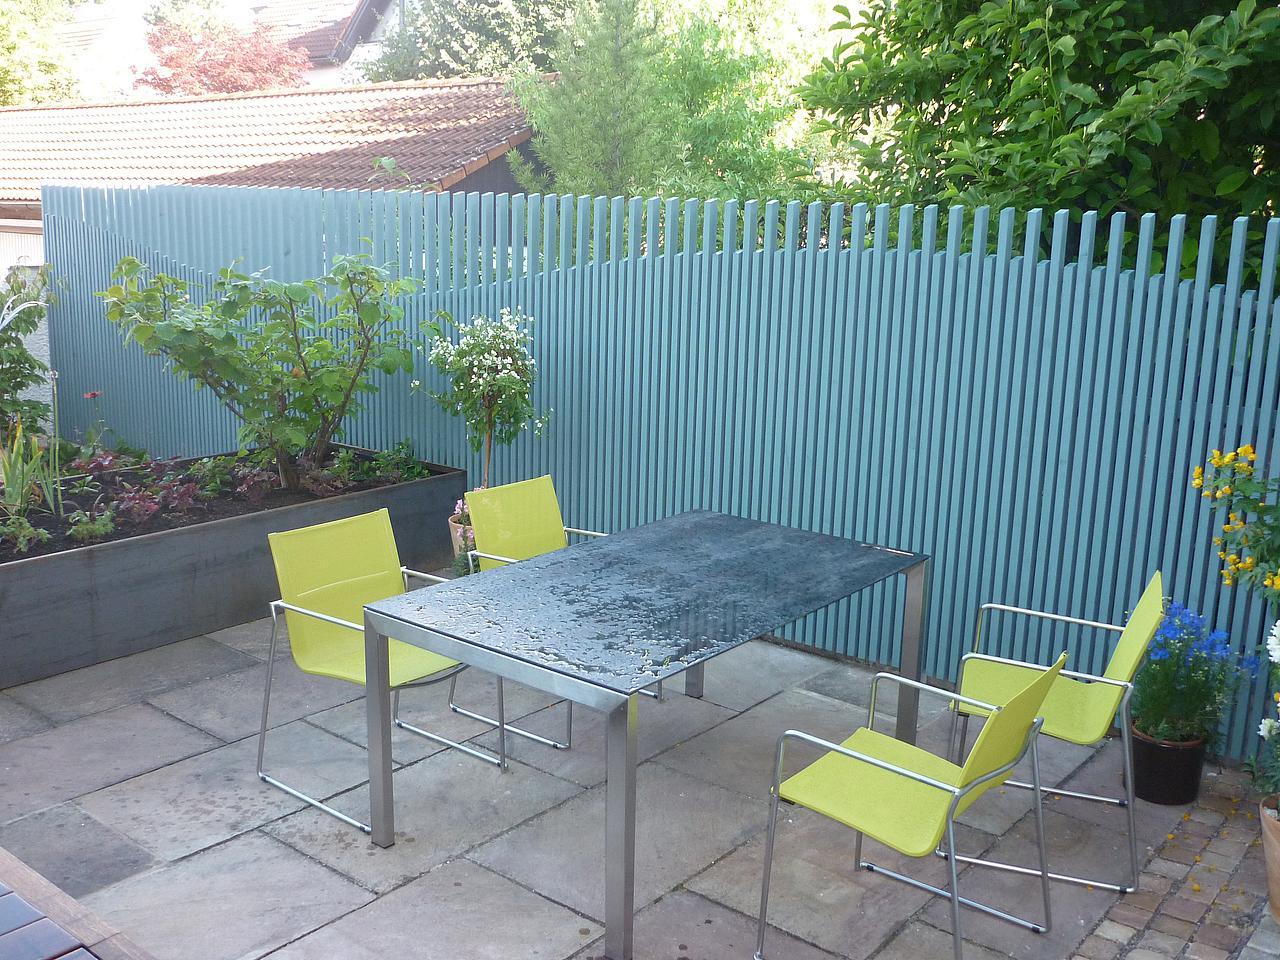 Gestaltung Eines Kleinen Privatgartens Terrasse Bepflanzung